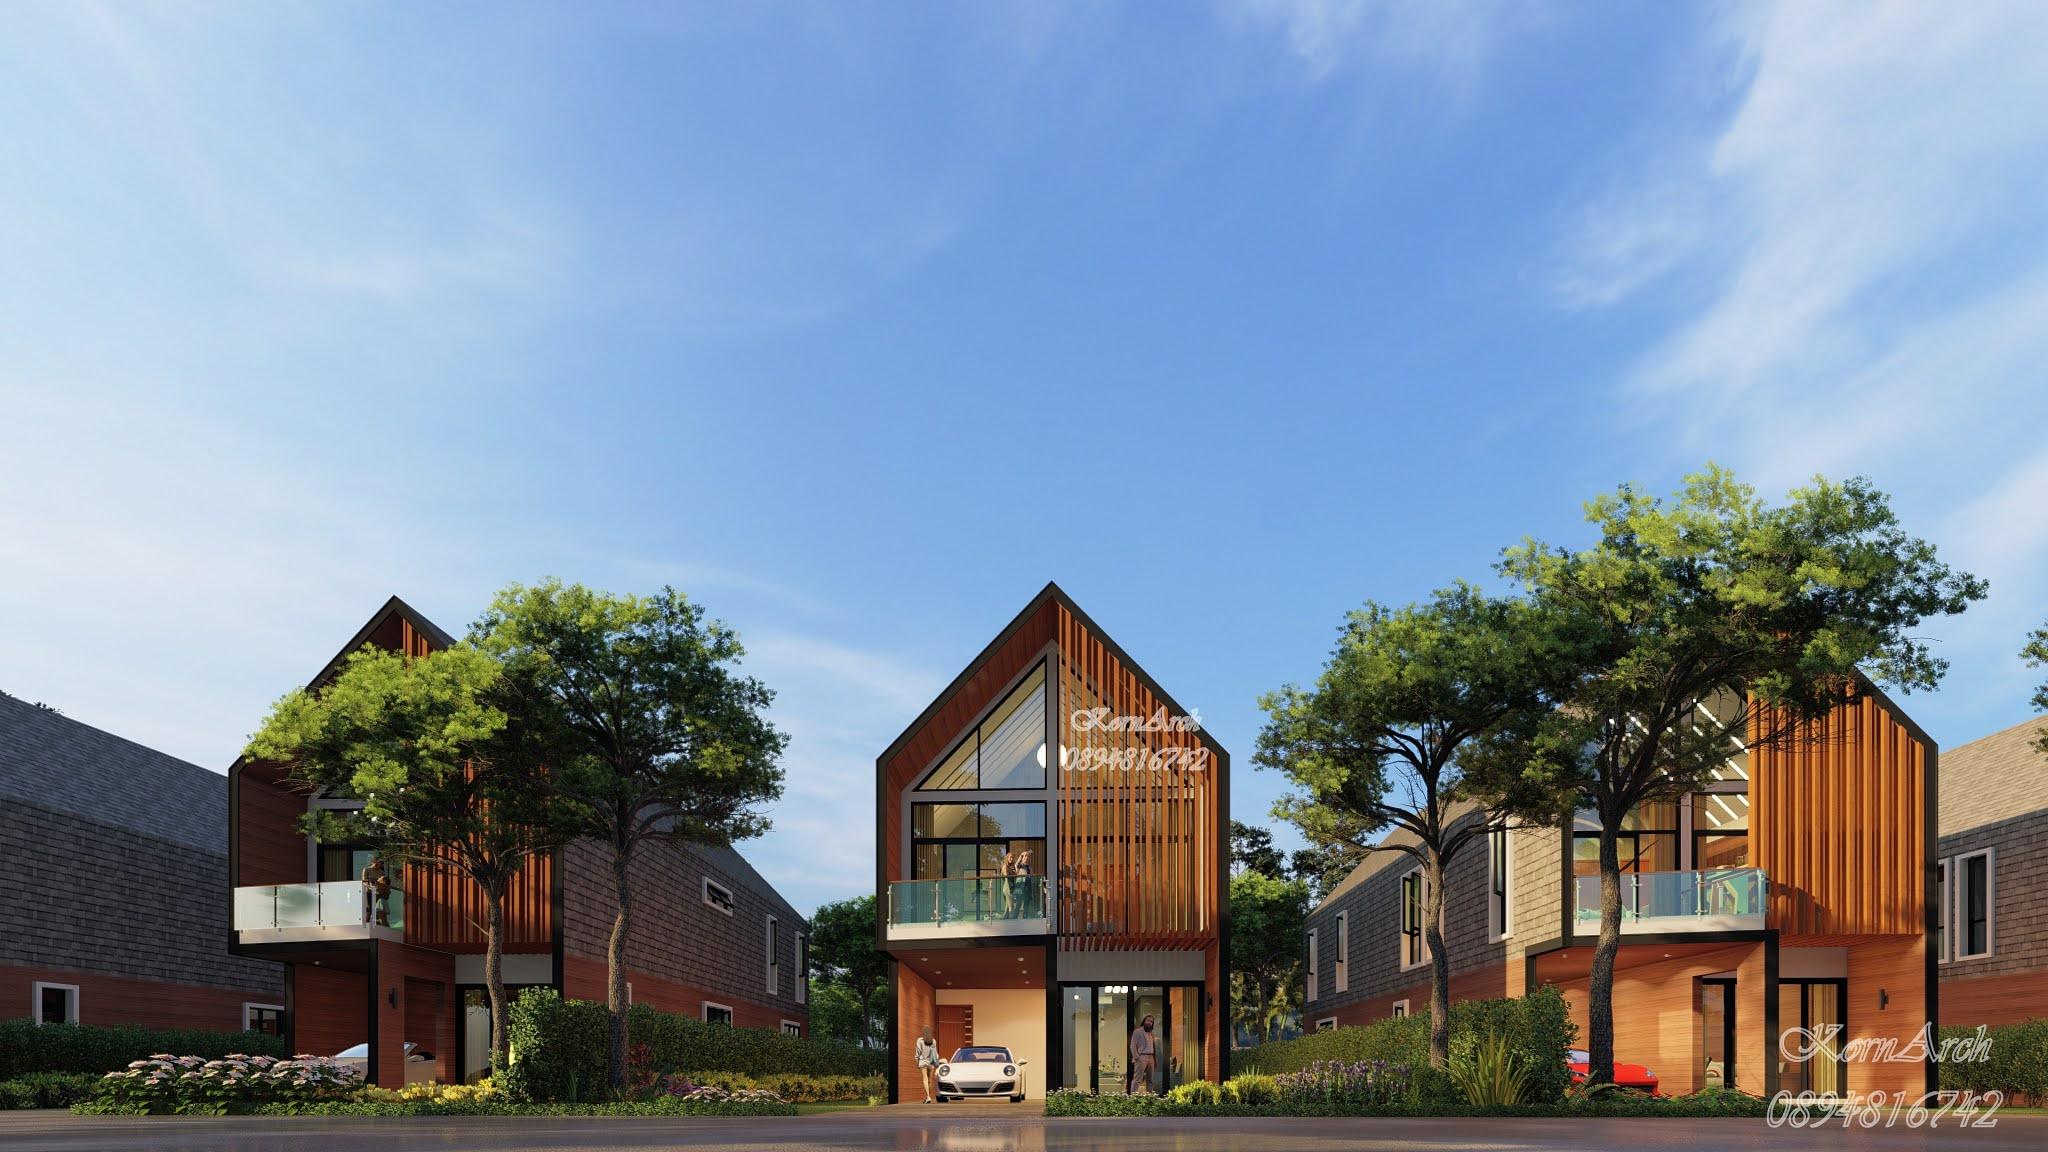 #รับออกแบบบ้านสไตล์นอร์ดิก #รับออกแบบบ้าน2ชั้นสไตล์นอร์ดิก #NordicStyle #รับออกแบบบ้านโมเดิร์น  #เขียนแบบก่อสร้าง #แบบยื่นขออนุญาต  #แบบโรงงาน #แบบรีสอร์ท  #แบบอพาร์ทเมนท์ #แบบโรงแรม  #แบบร้านอาหาร #แบบออฟฟิศ  #สถาปนิก 0894816742